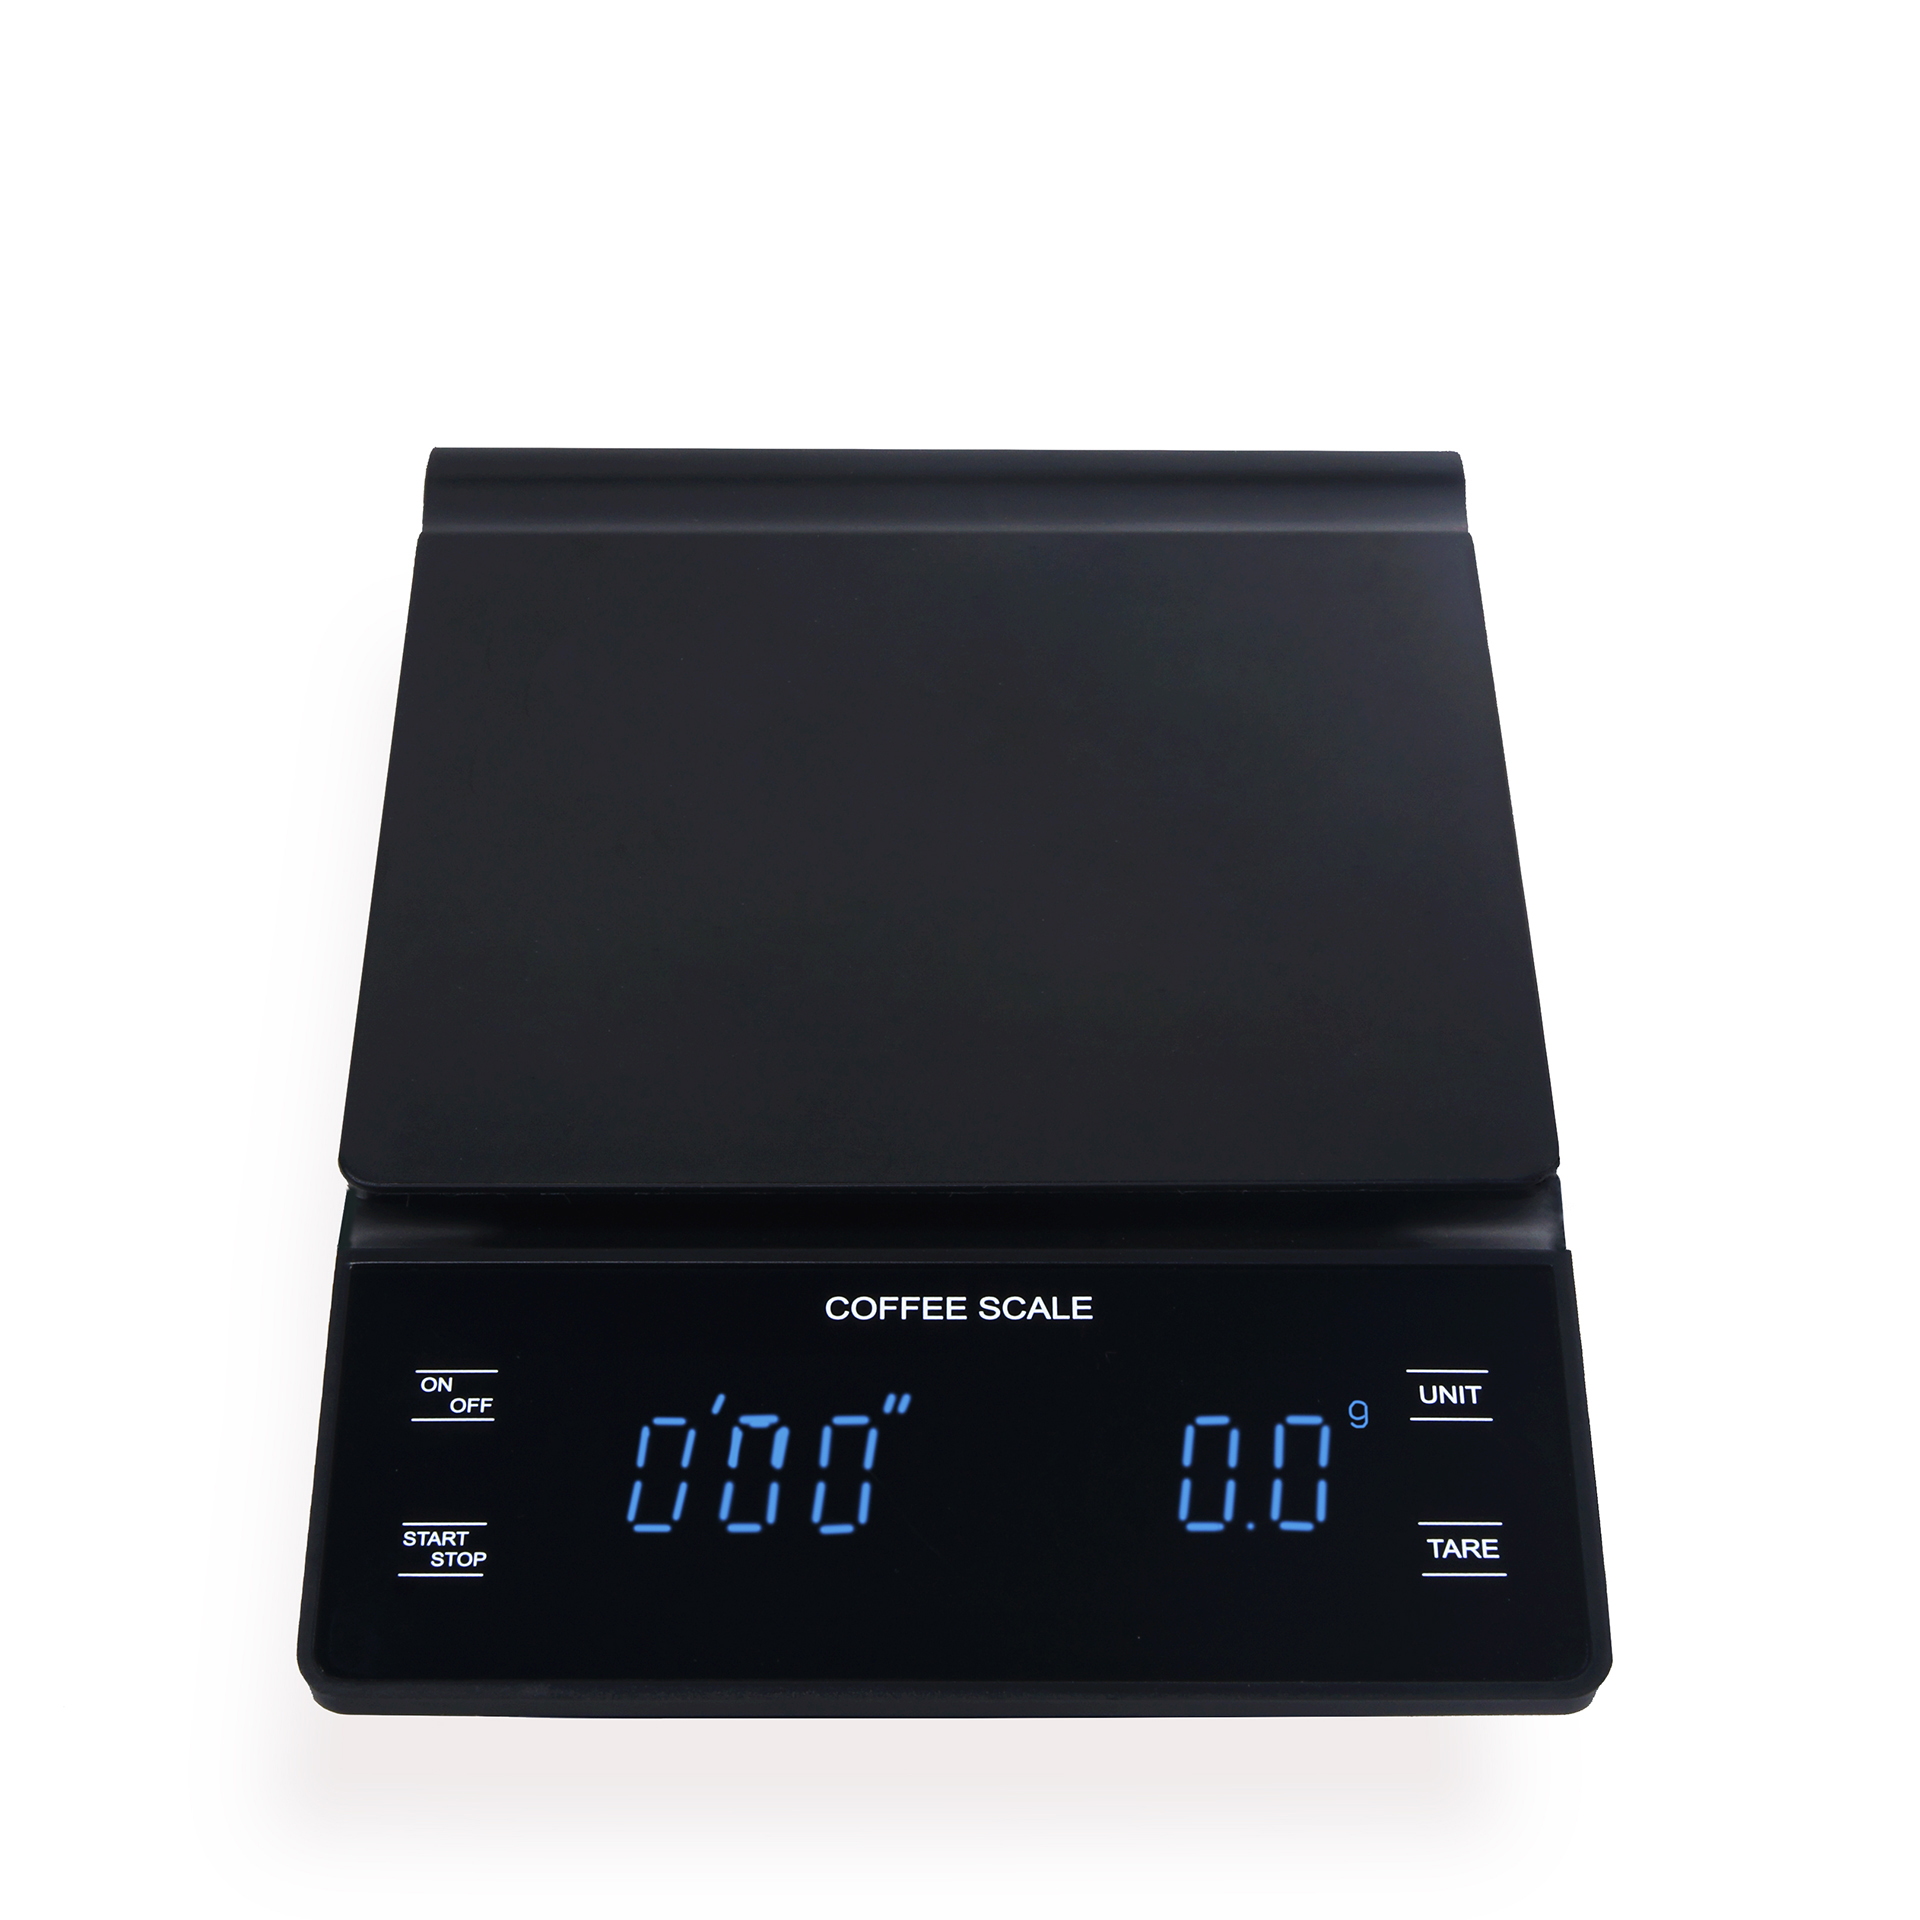 אלקטרוני מידת קפה יד תכליתי בר אלקטרוני בקנה מידה גרם בקנה מידה עם טיימר 3 קילו מטבח LED תצוגת מזון בקנה מידה